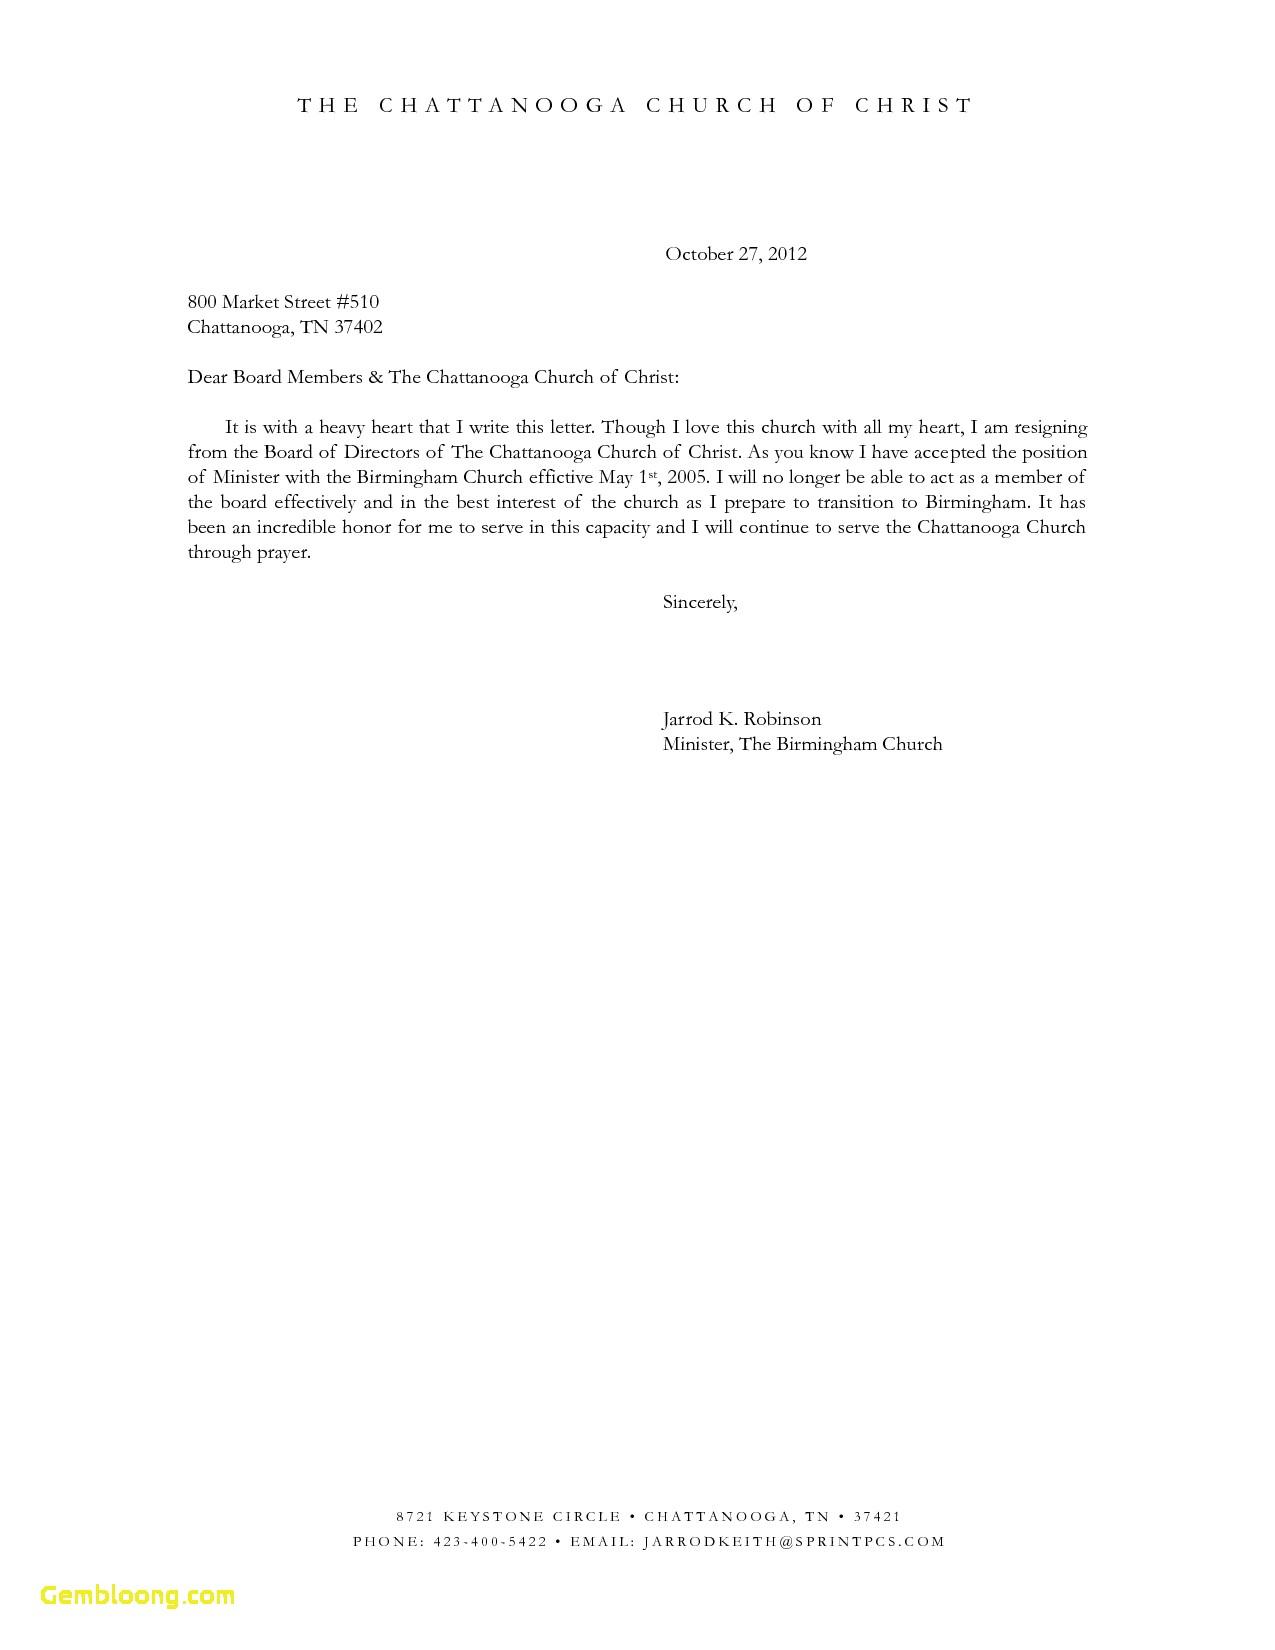 Board Member Resignation Letter Template - Sample Munity Service Hours Letter Board Member Resignation